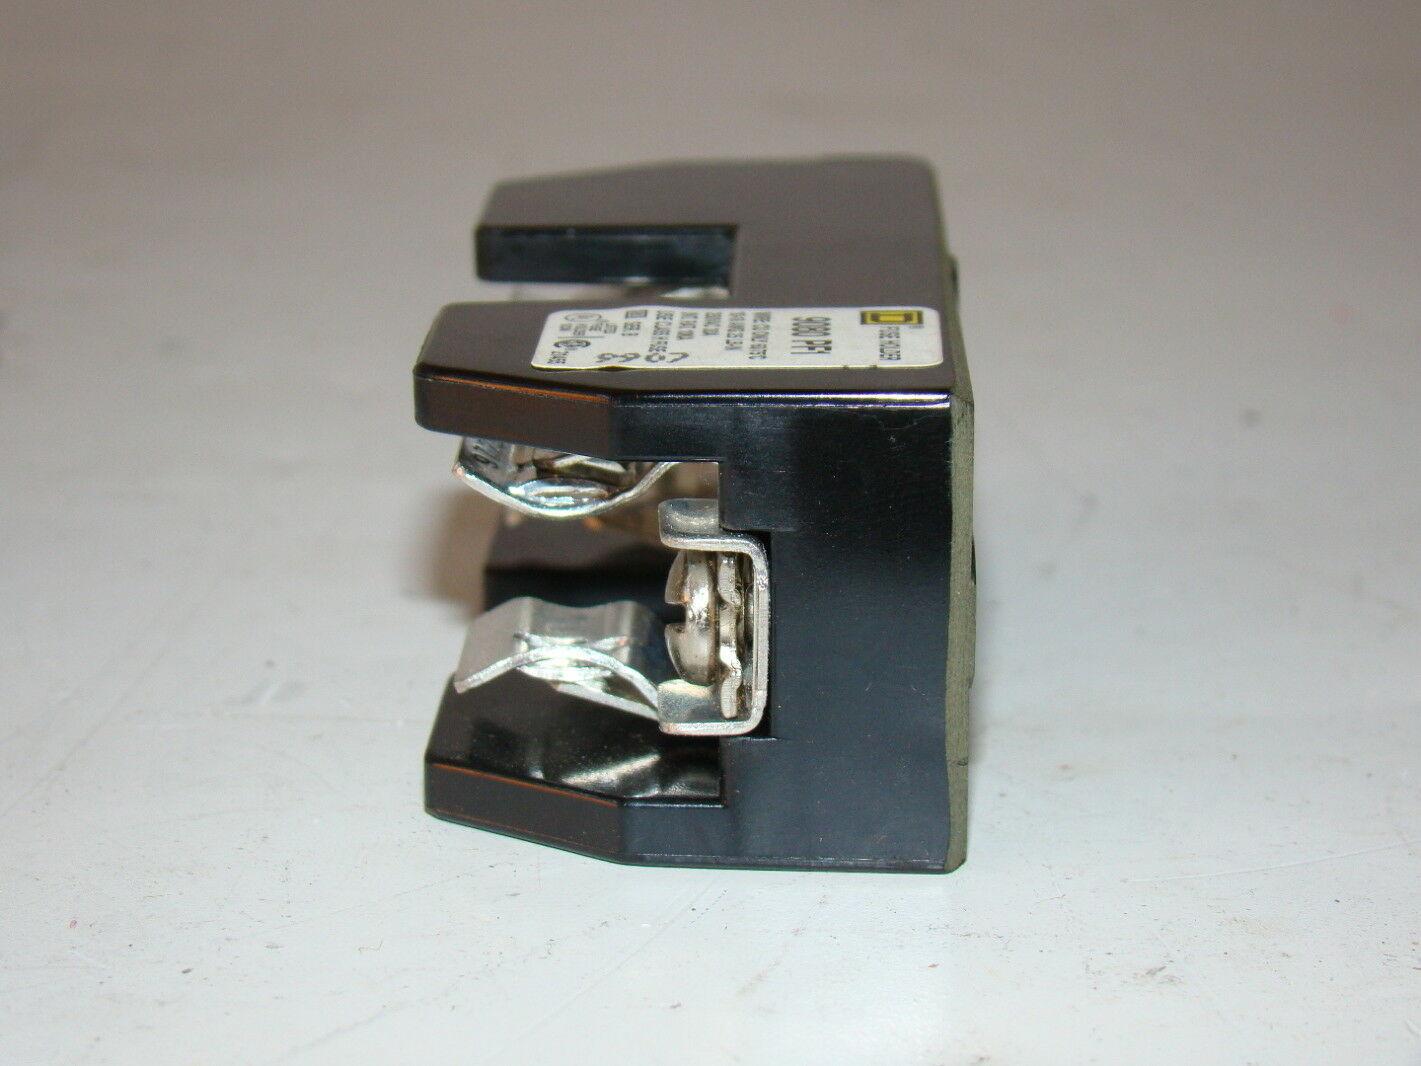 square d fuse holder 9080pf1 | ebay square d fuse box doors #5